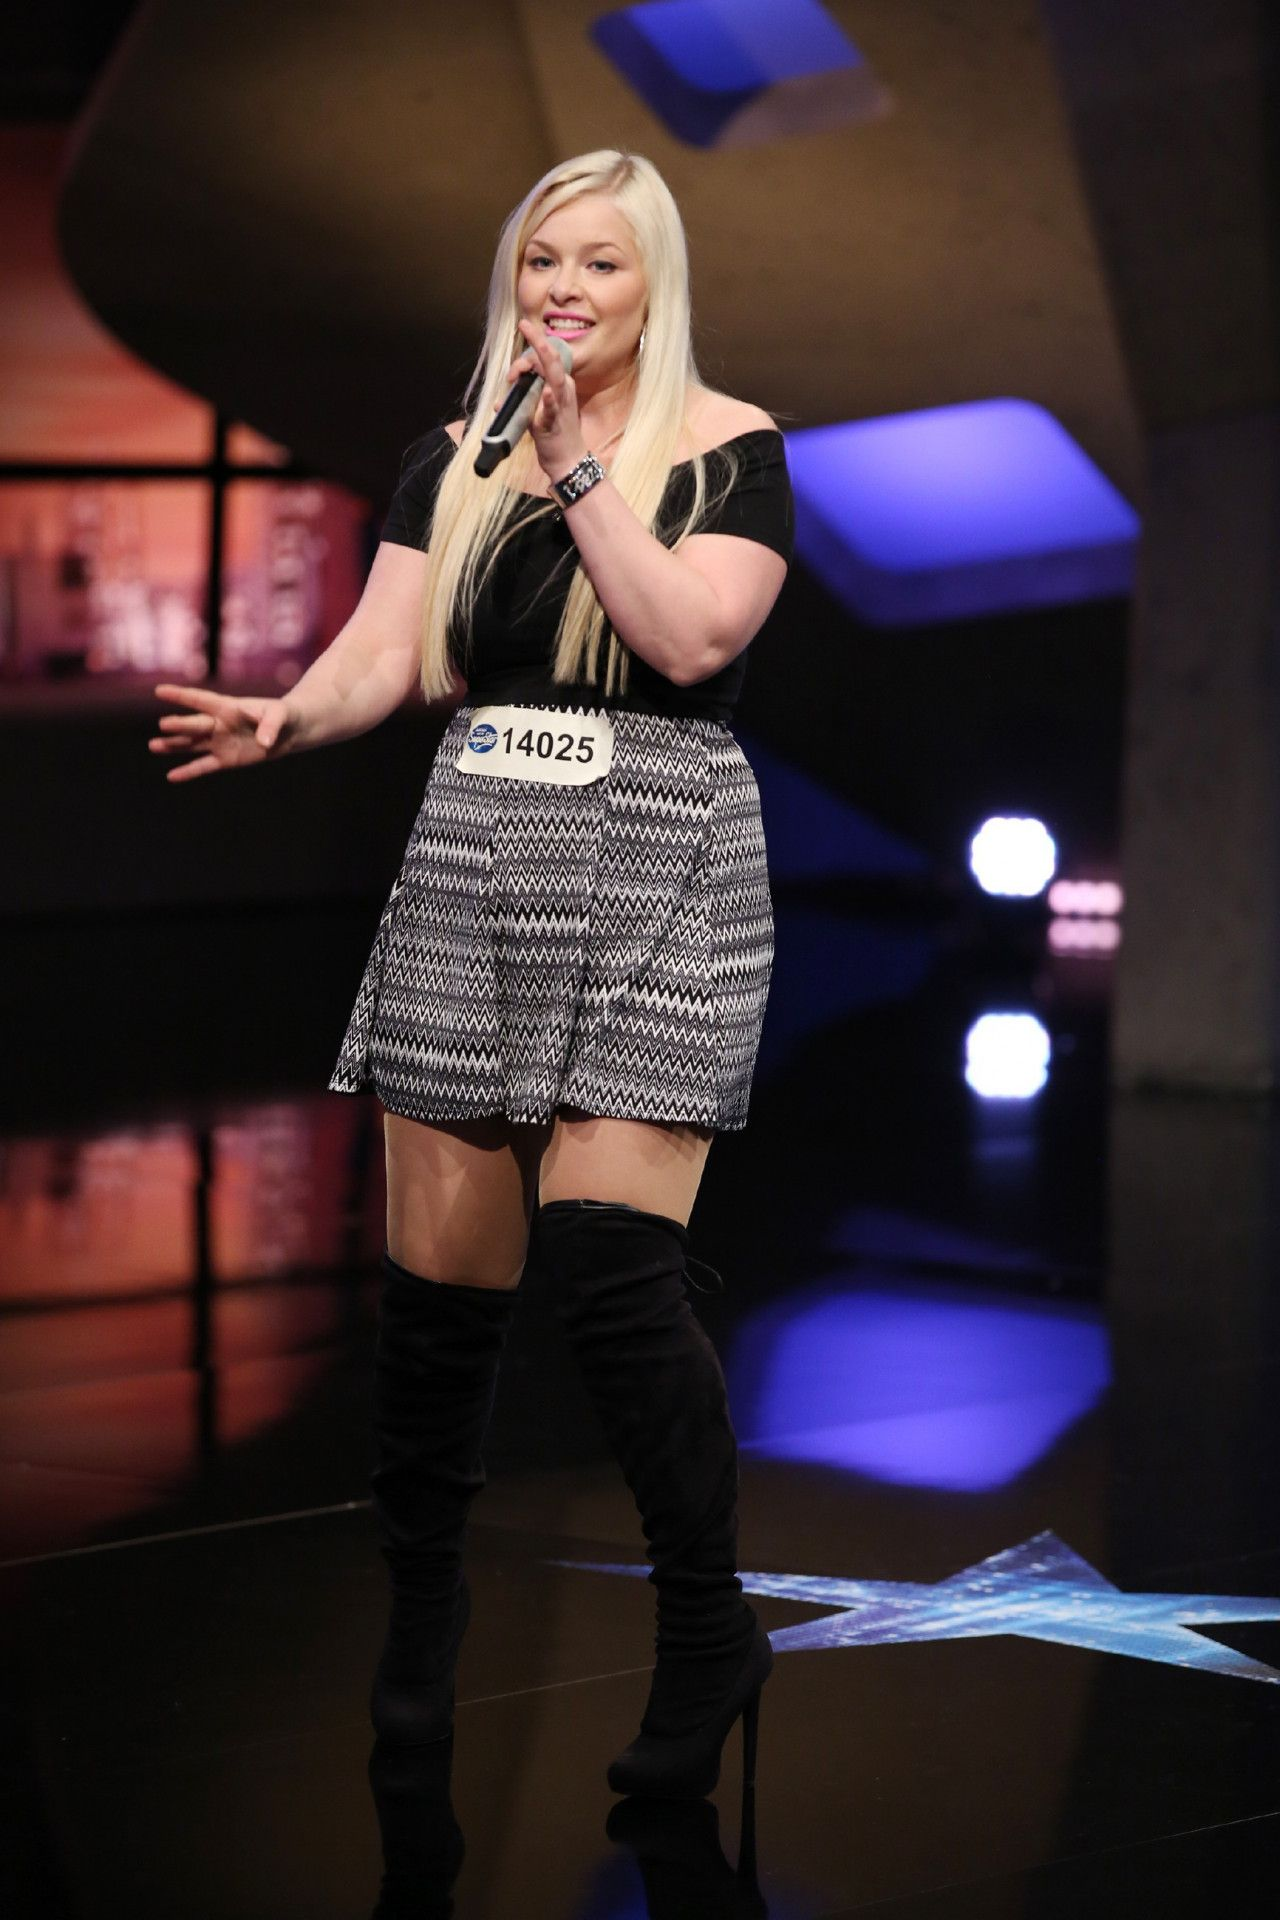 """""""Ich bin bei DSDS, weil ich kein 08/15-Leben will, weil ich singen kann, Musik meine Leidenschaft ist und ich den Dieter sehen will"""", so Jessica vor ihrem Auftritt."""